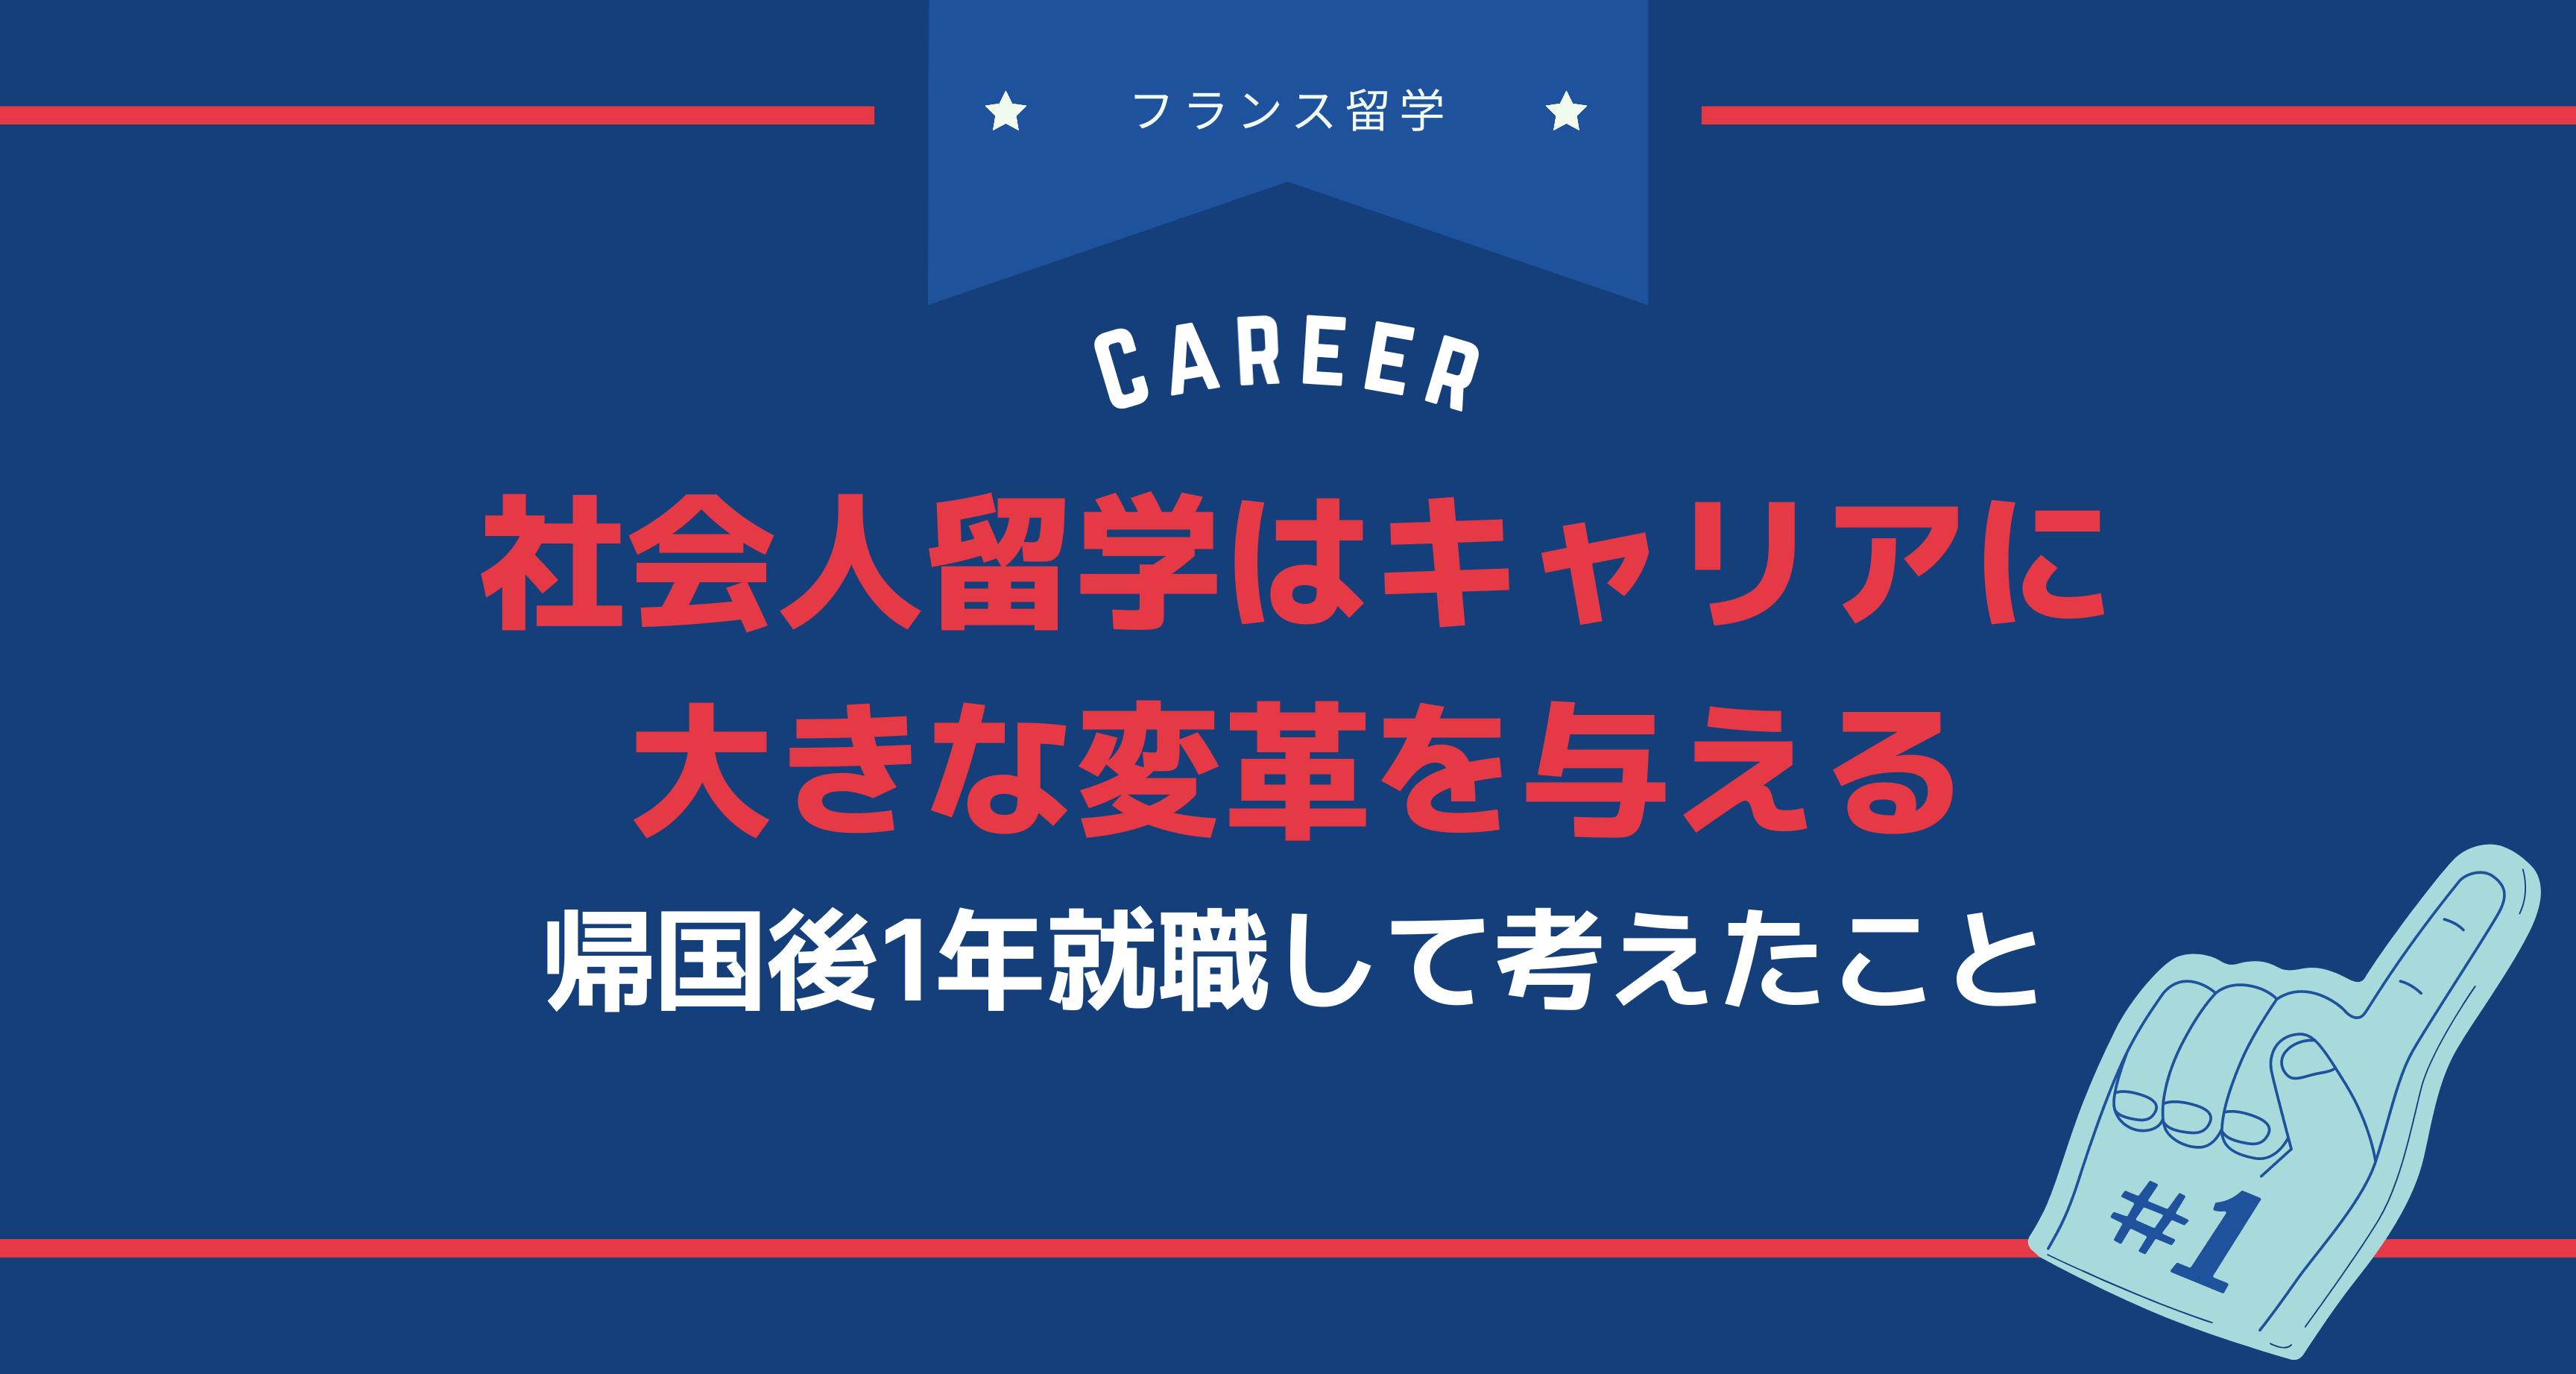 社会人留学はキャリアに大きな変革を与える【帰国後1年就職して考えたこと】